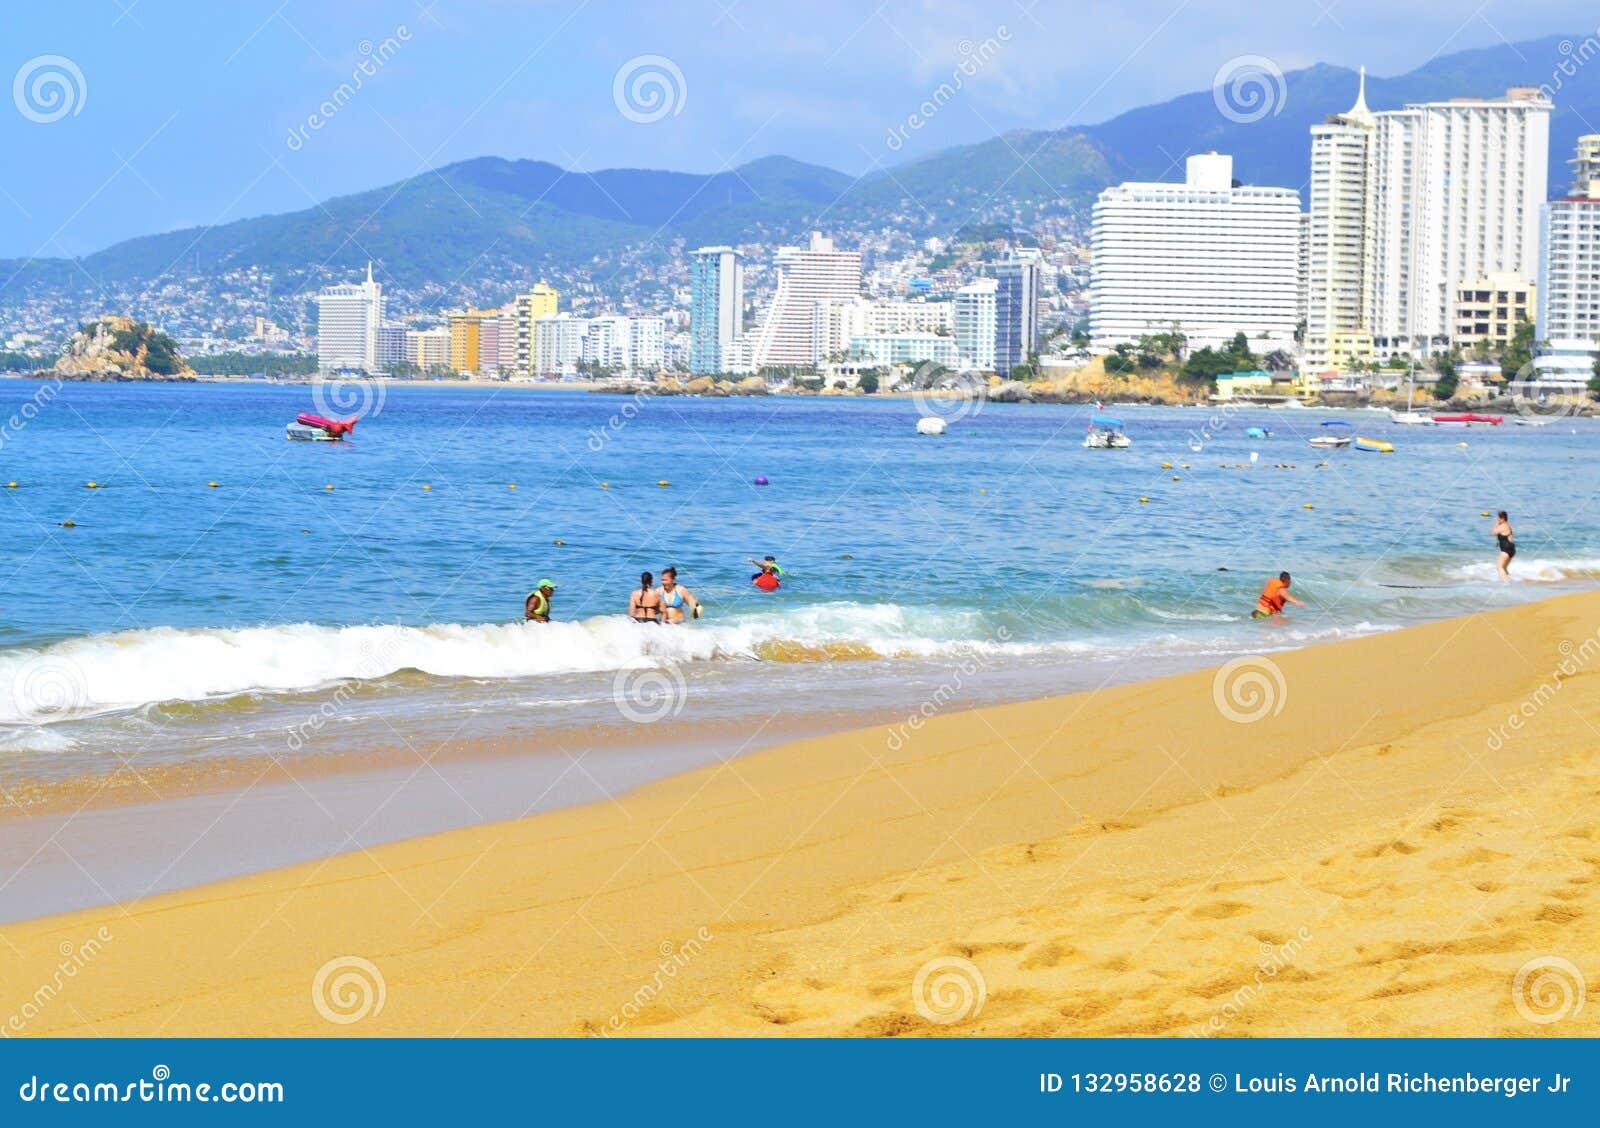 Playa en Acapulco con los turistas y los hoteles